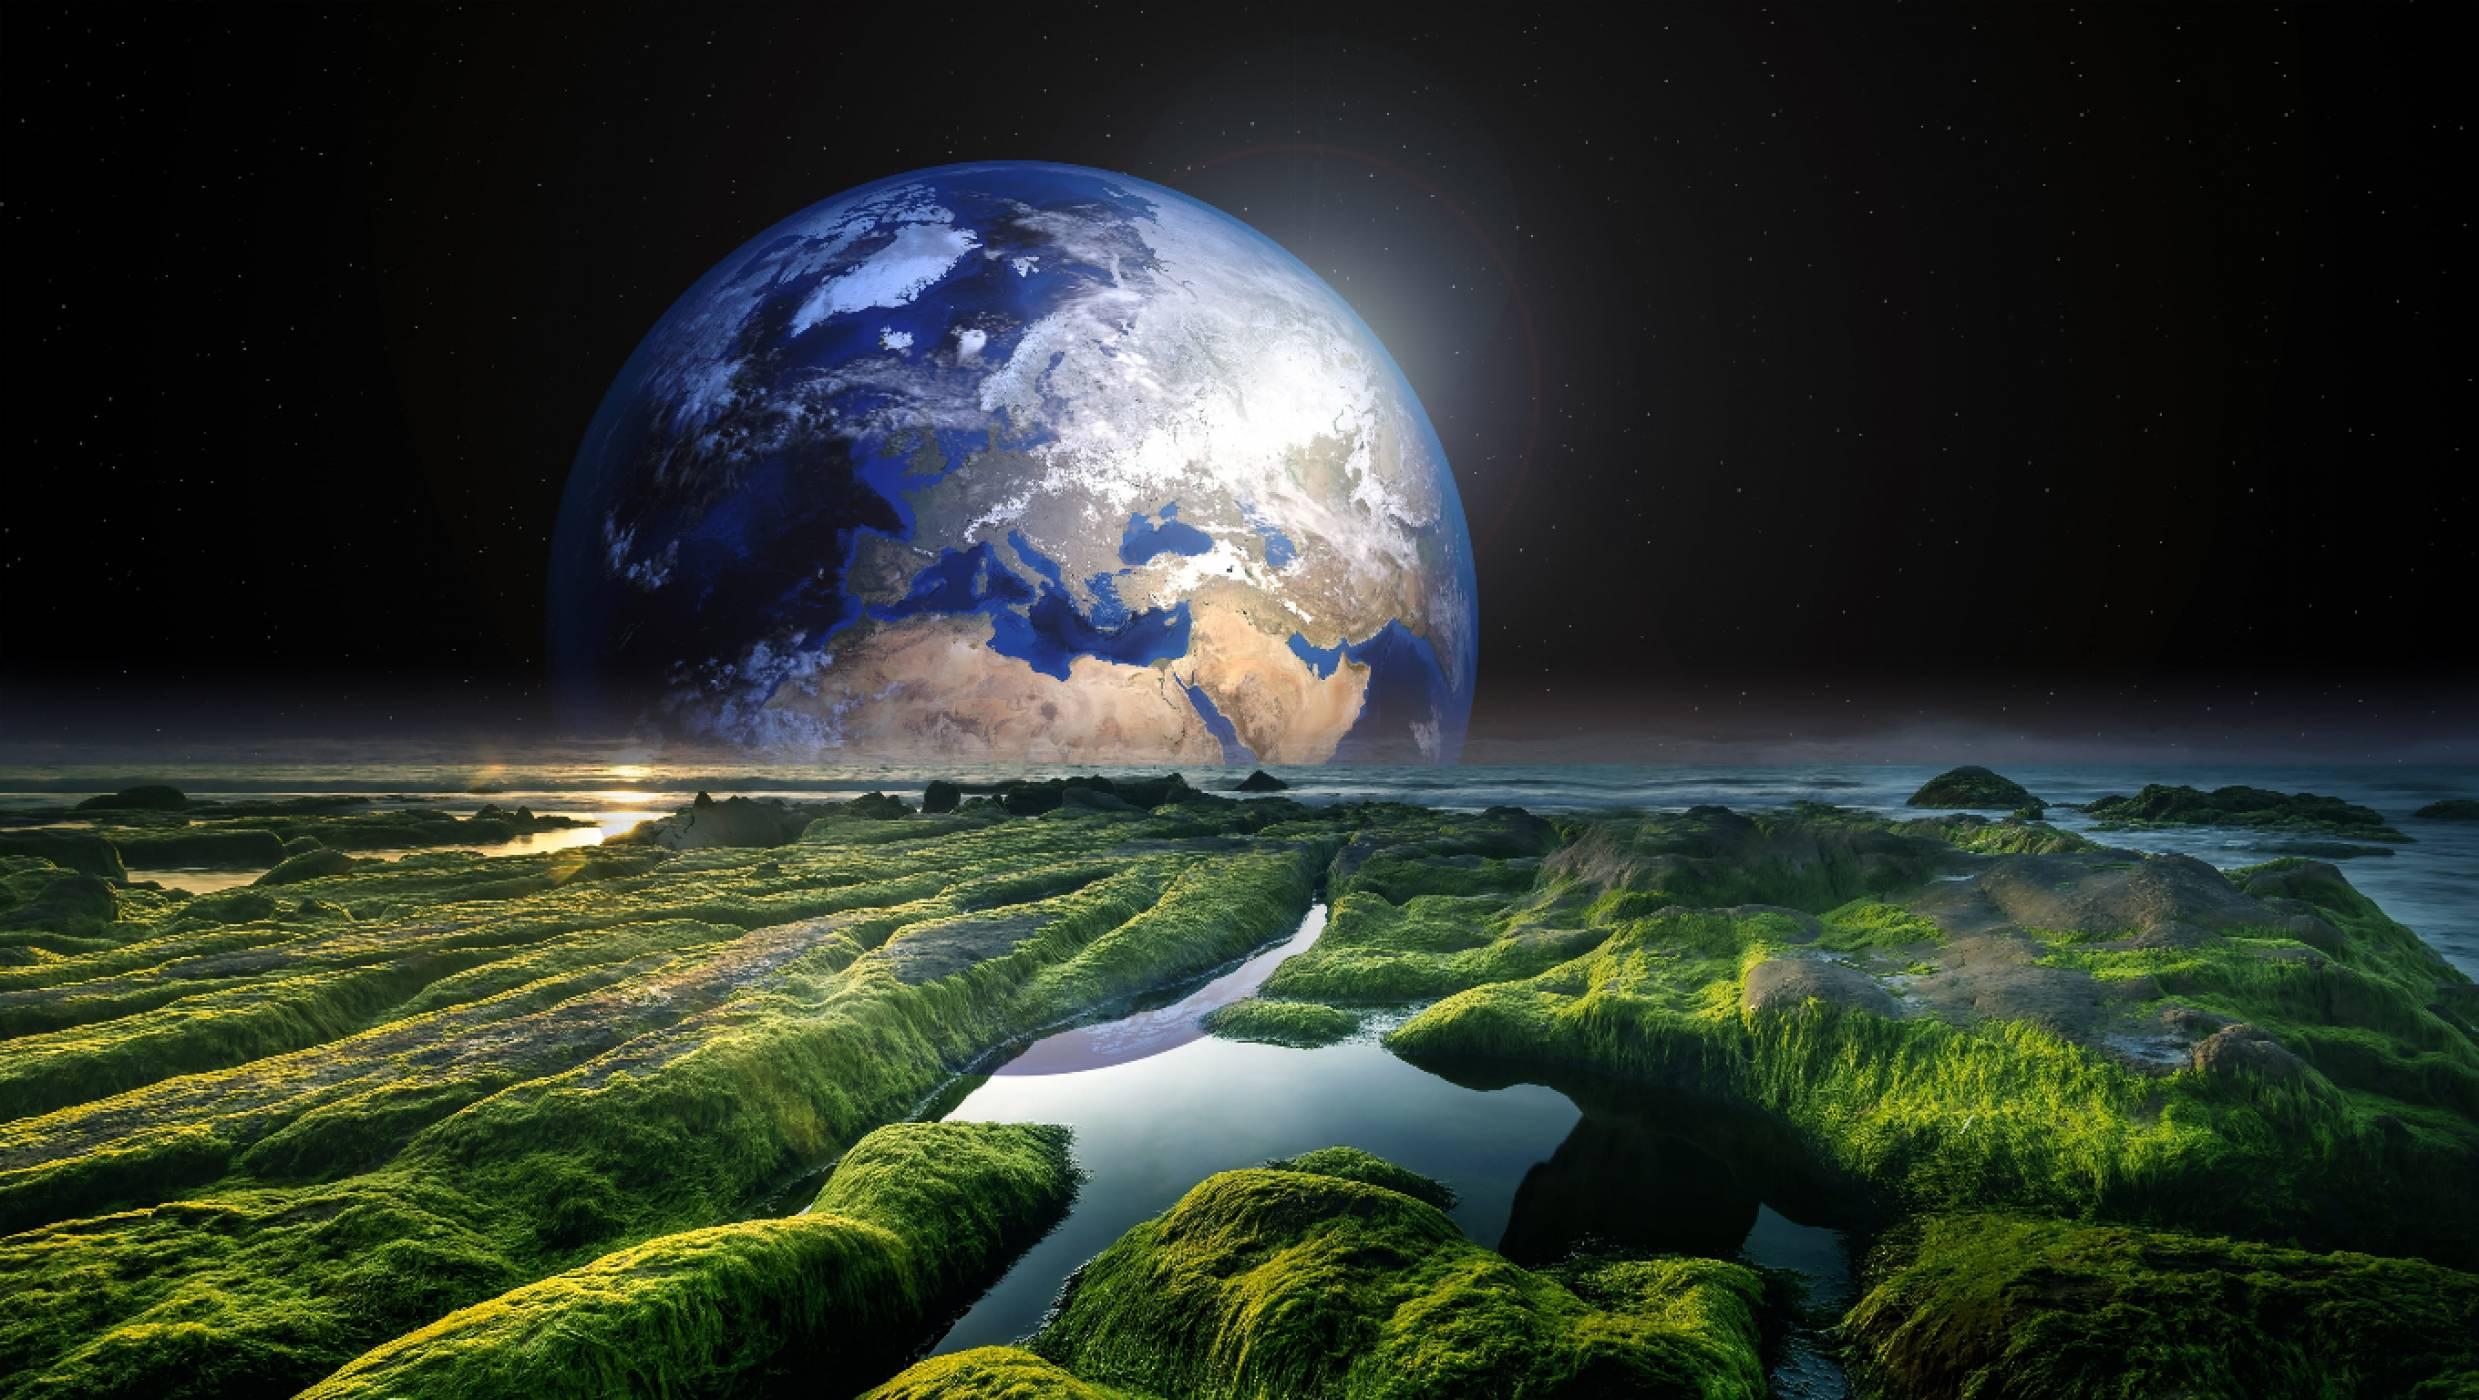 След милиард години липсата на кислород ще унищожи живота на Земята